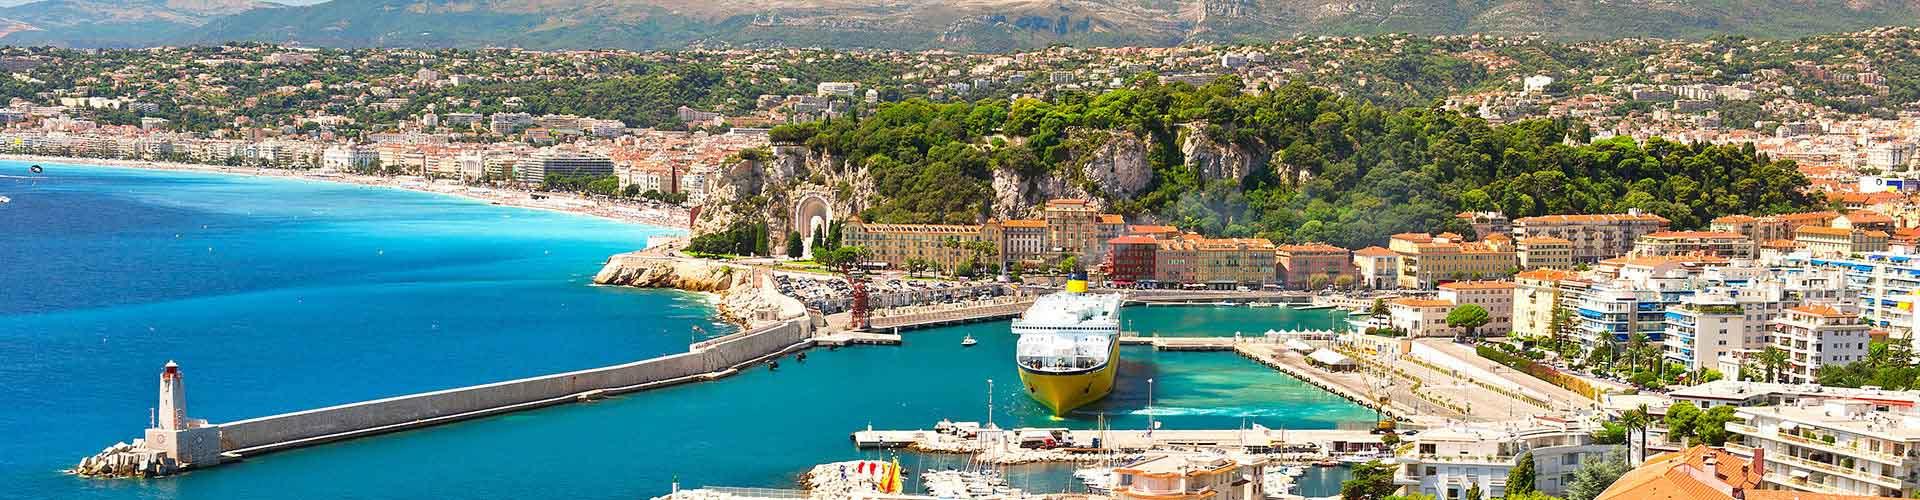 Nice - Hostelů v Nice. Mapy pro Nice, fotky a recenze pro každý hostel v Nice.